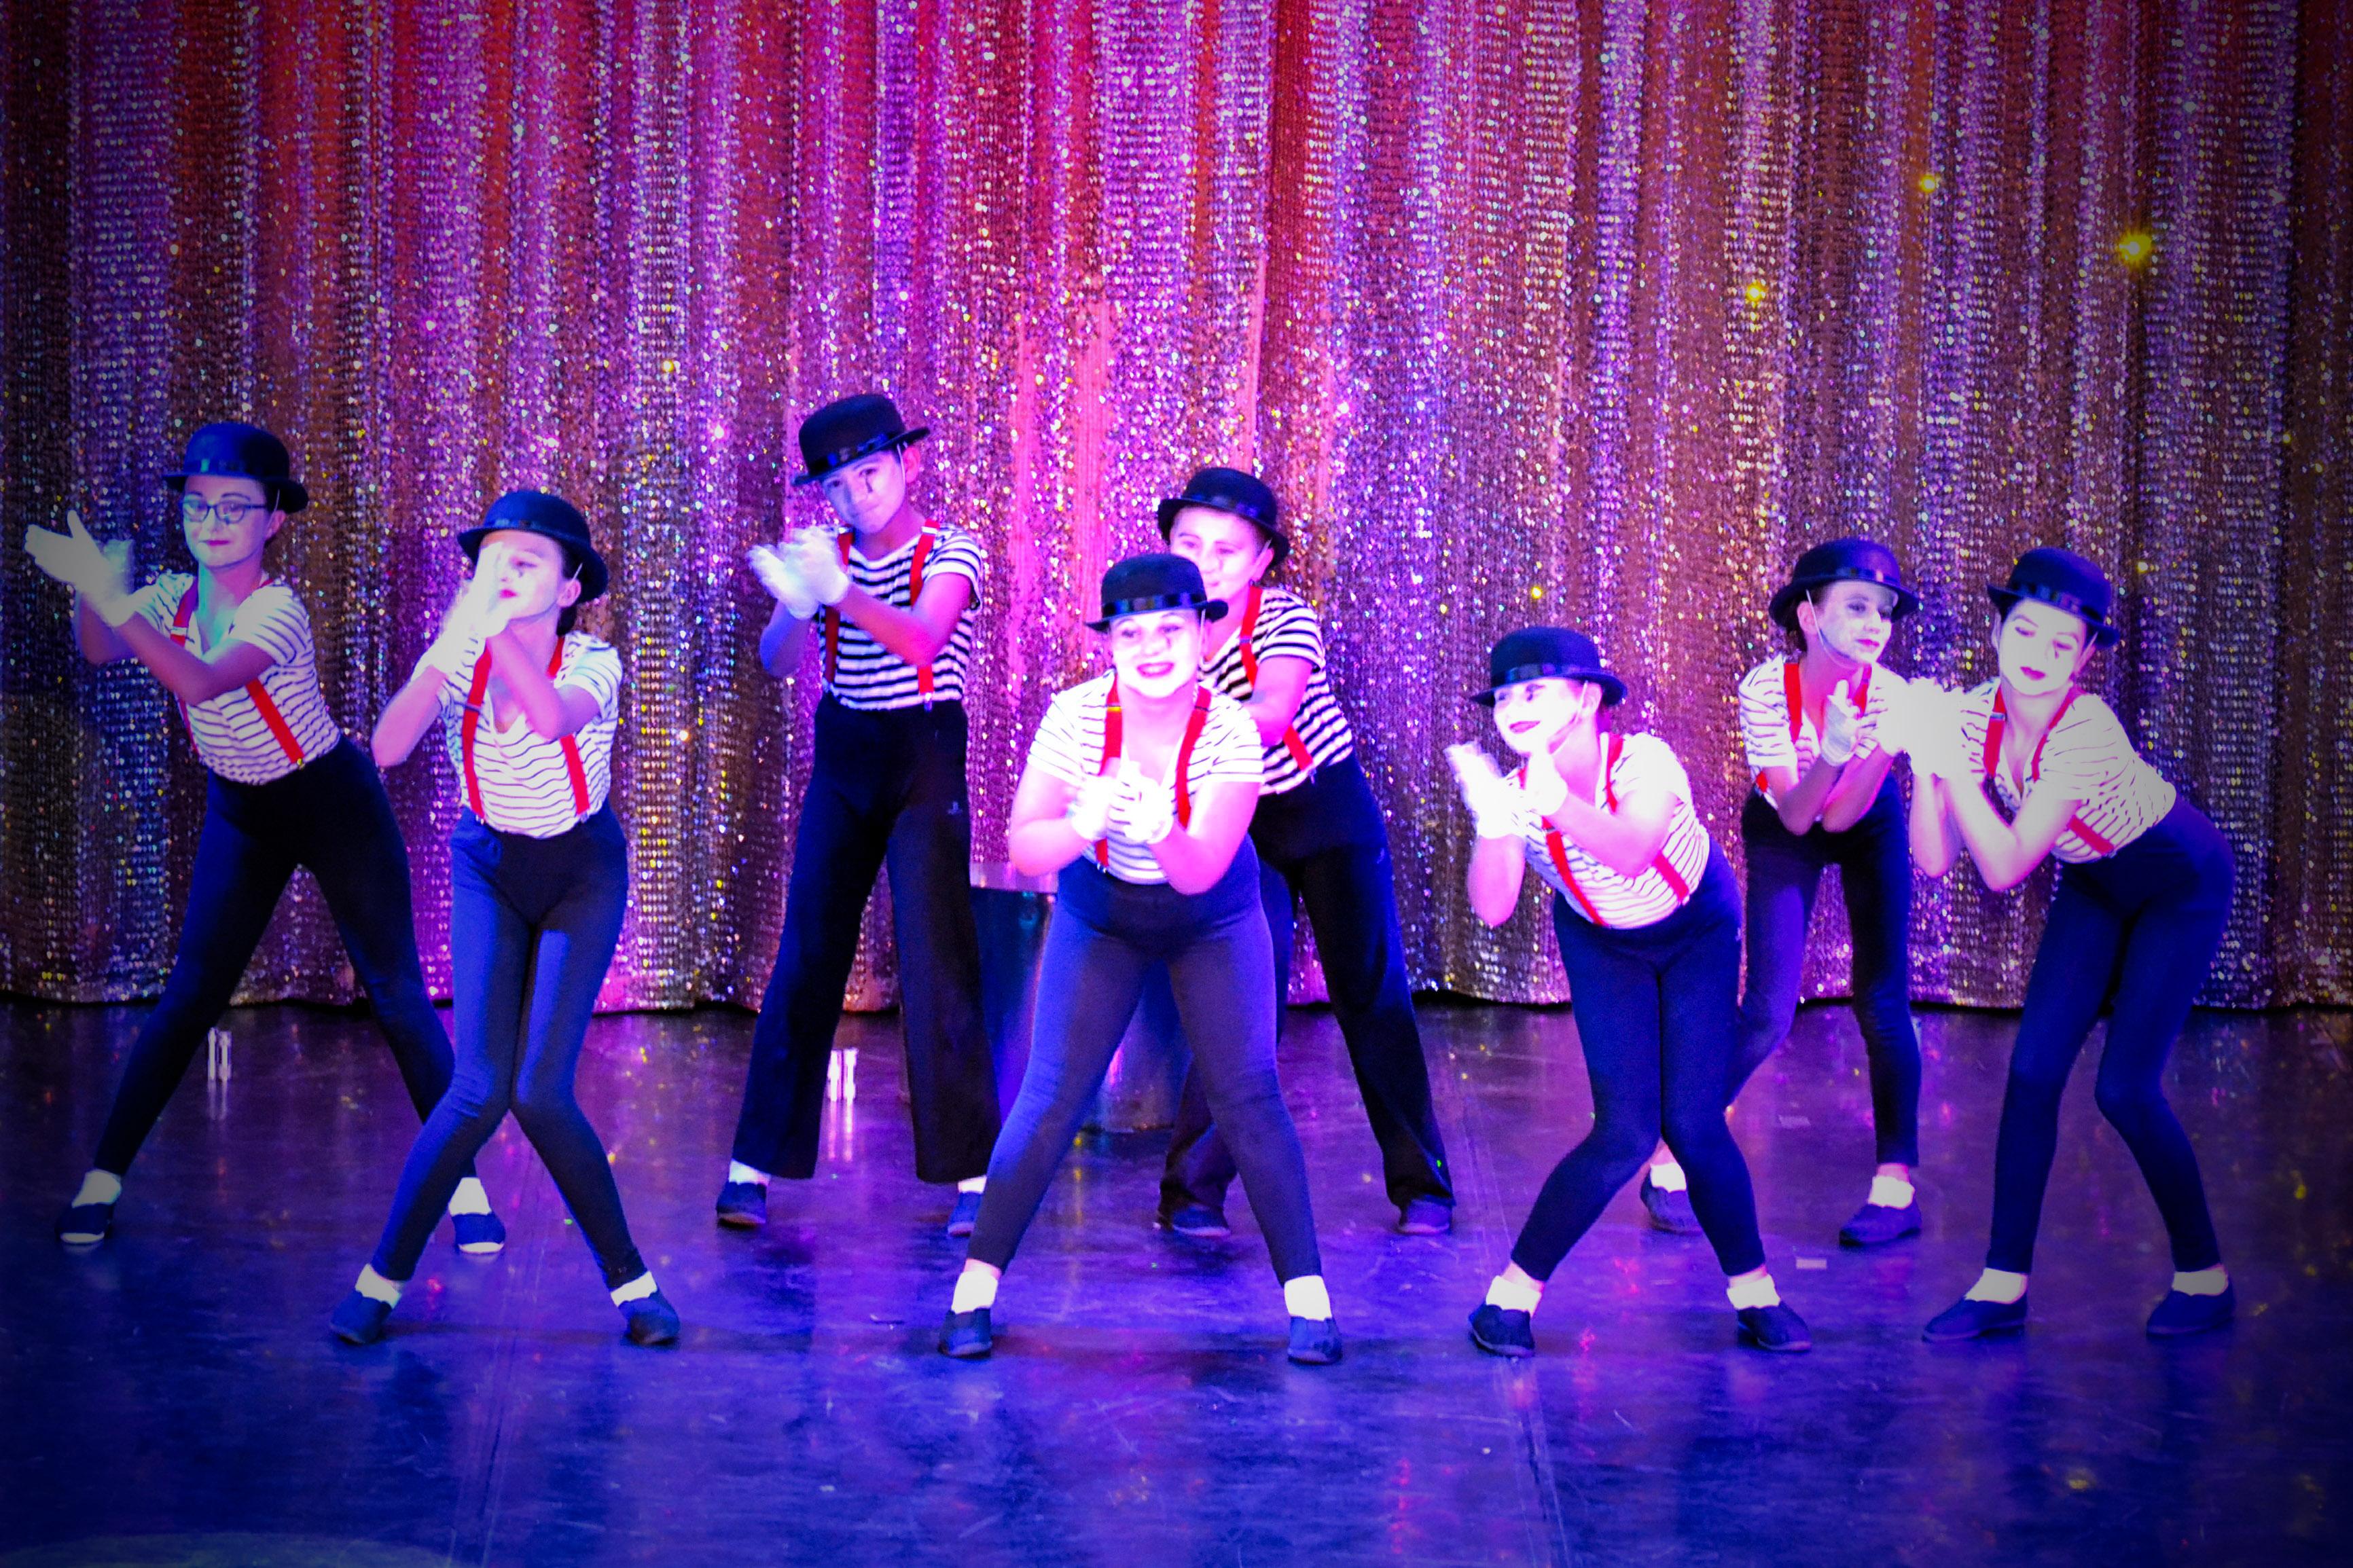 Linea-de-Baile-festival-verano-2015-clases-de-baile-valencia-161